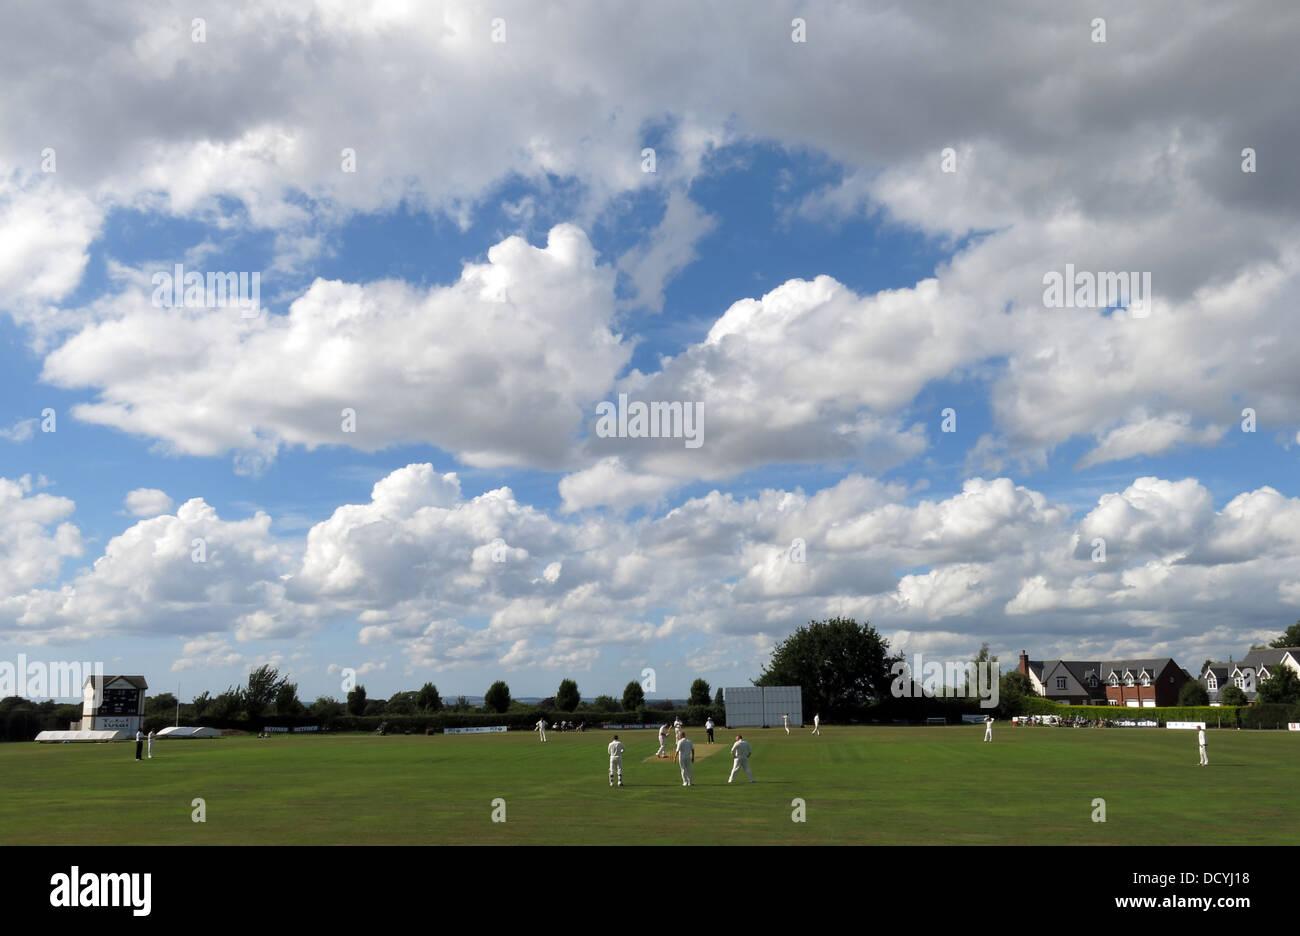 Dieses Stockfoto: Grappers spielen auf einem hellen Sommertag, grappenhall Cricket Club, breit Lane, Grappenhall, Warrington, Cheshire, England, UK WA4 3EH - DCYJ18